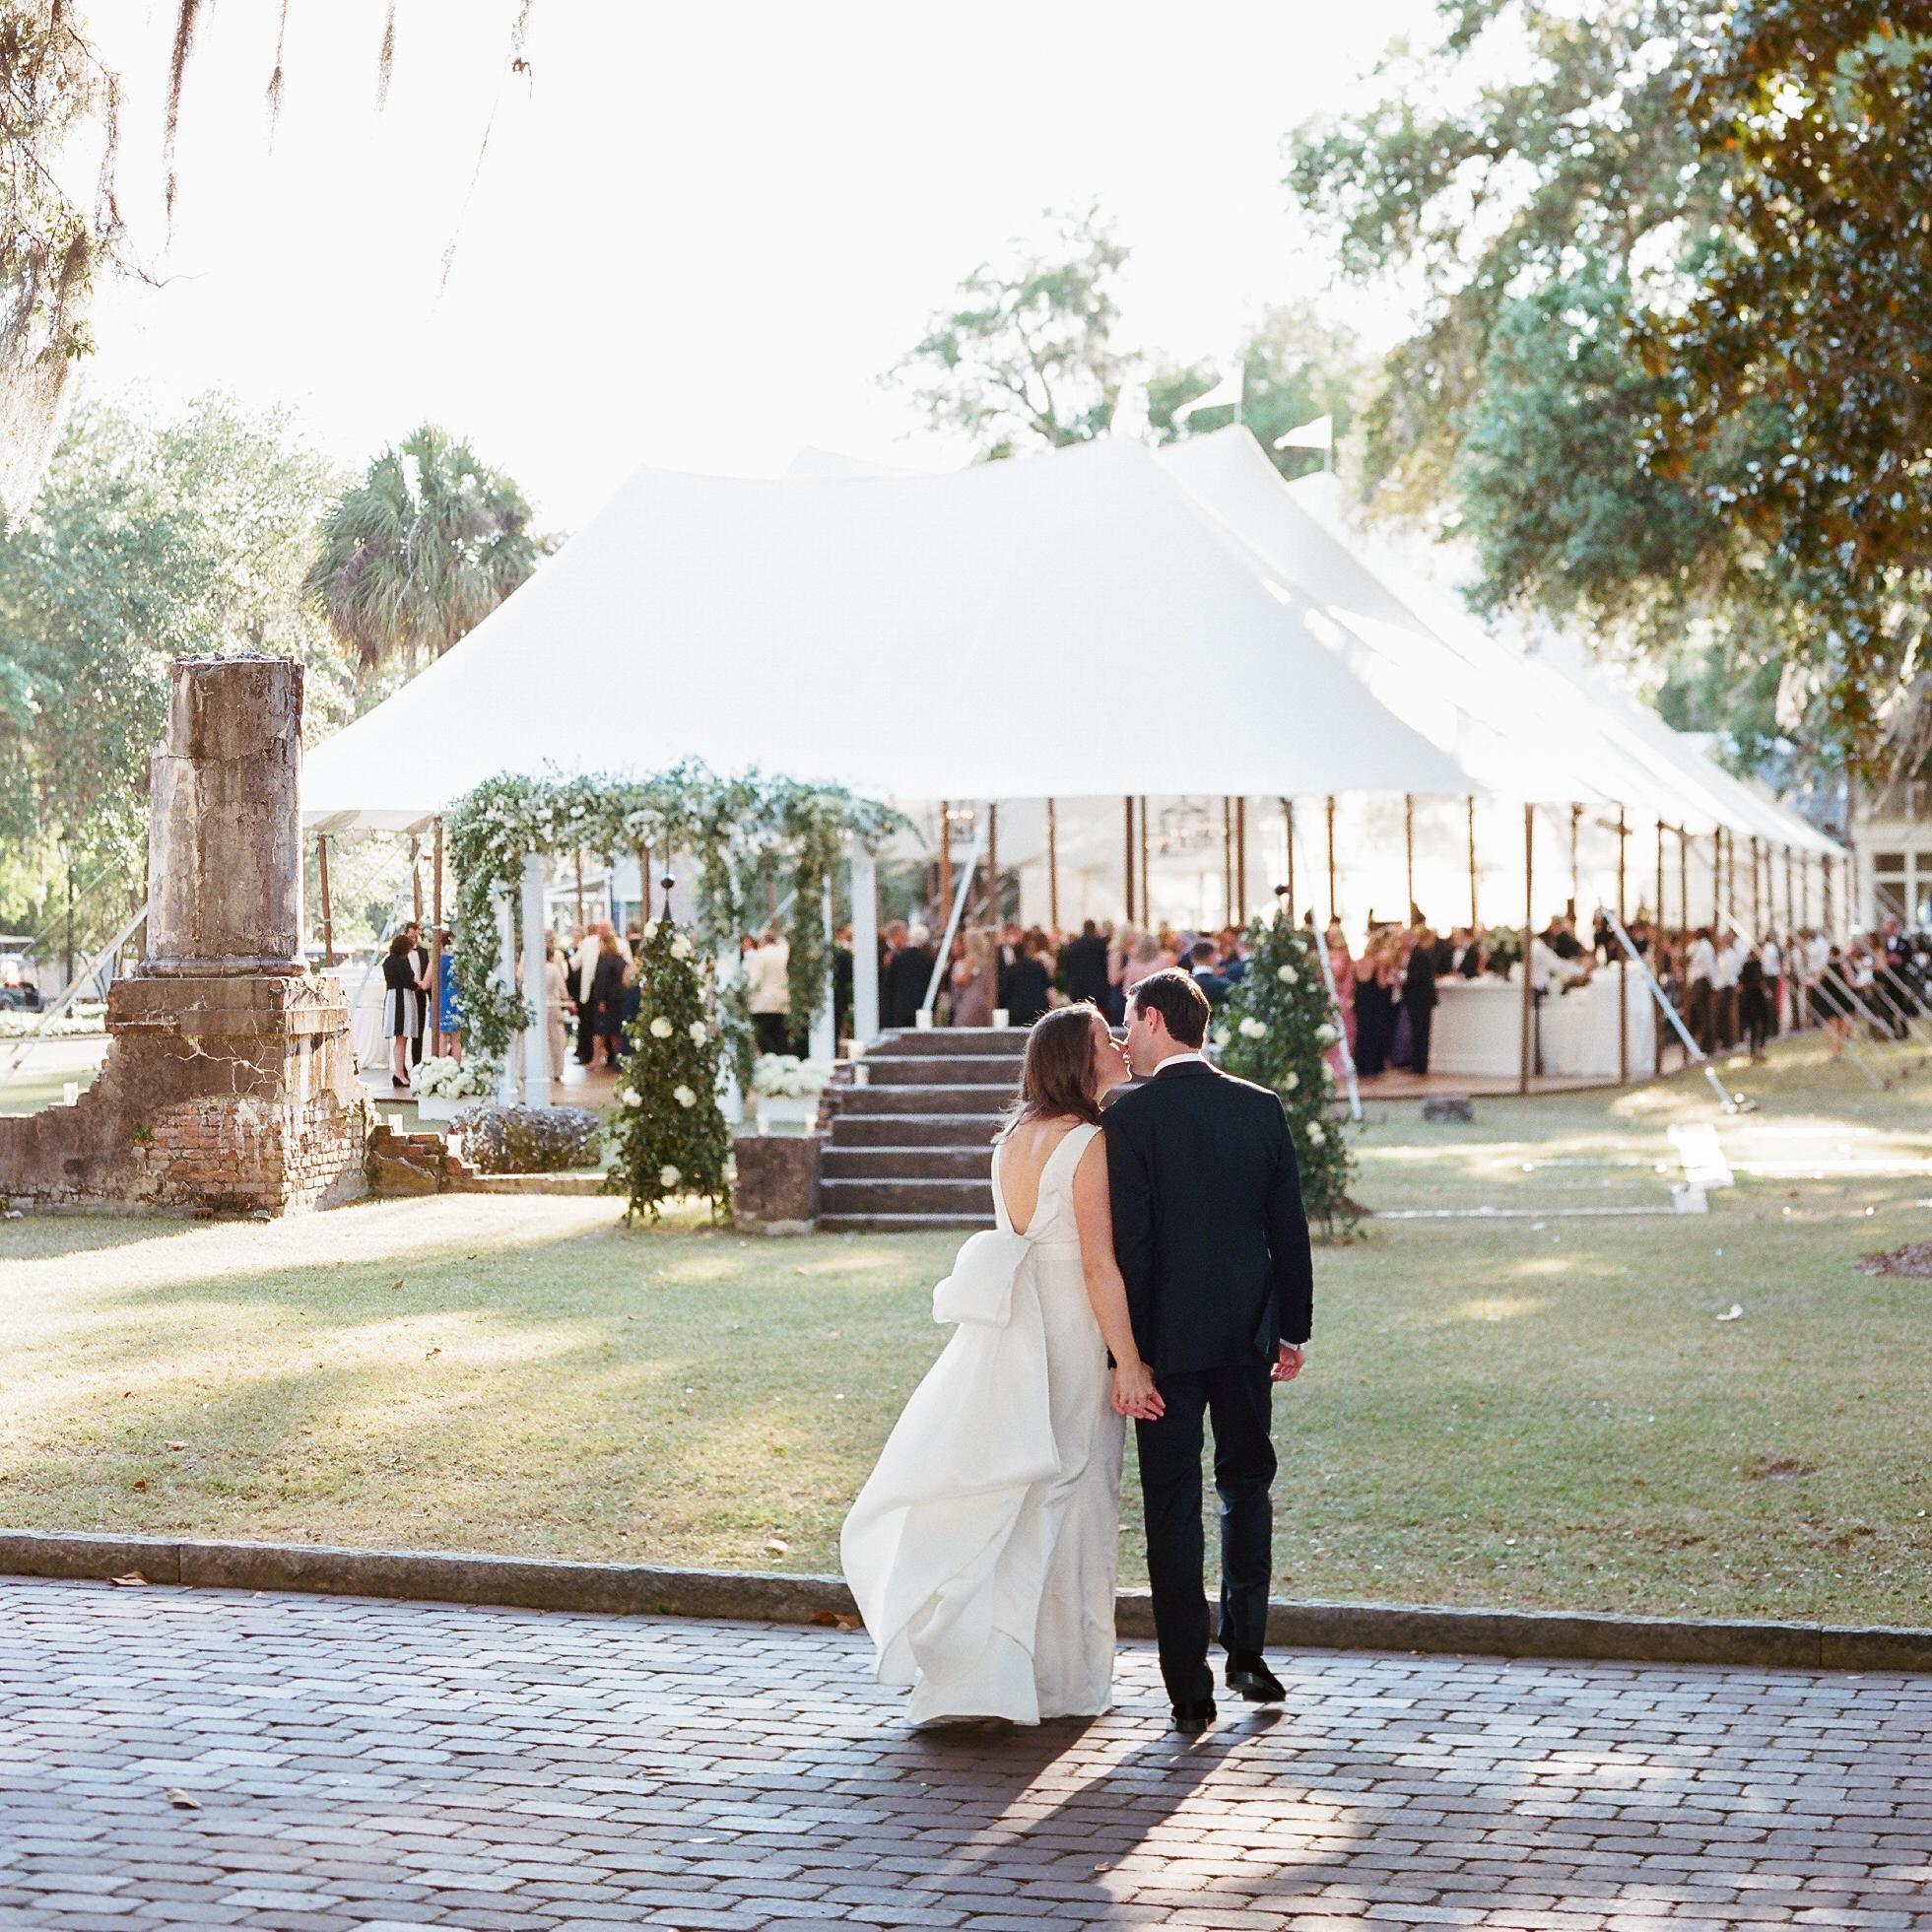 Avantajele lucrarii de izolatie corturi de nunta 1